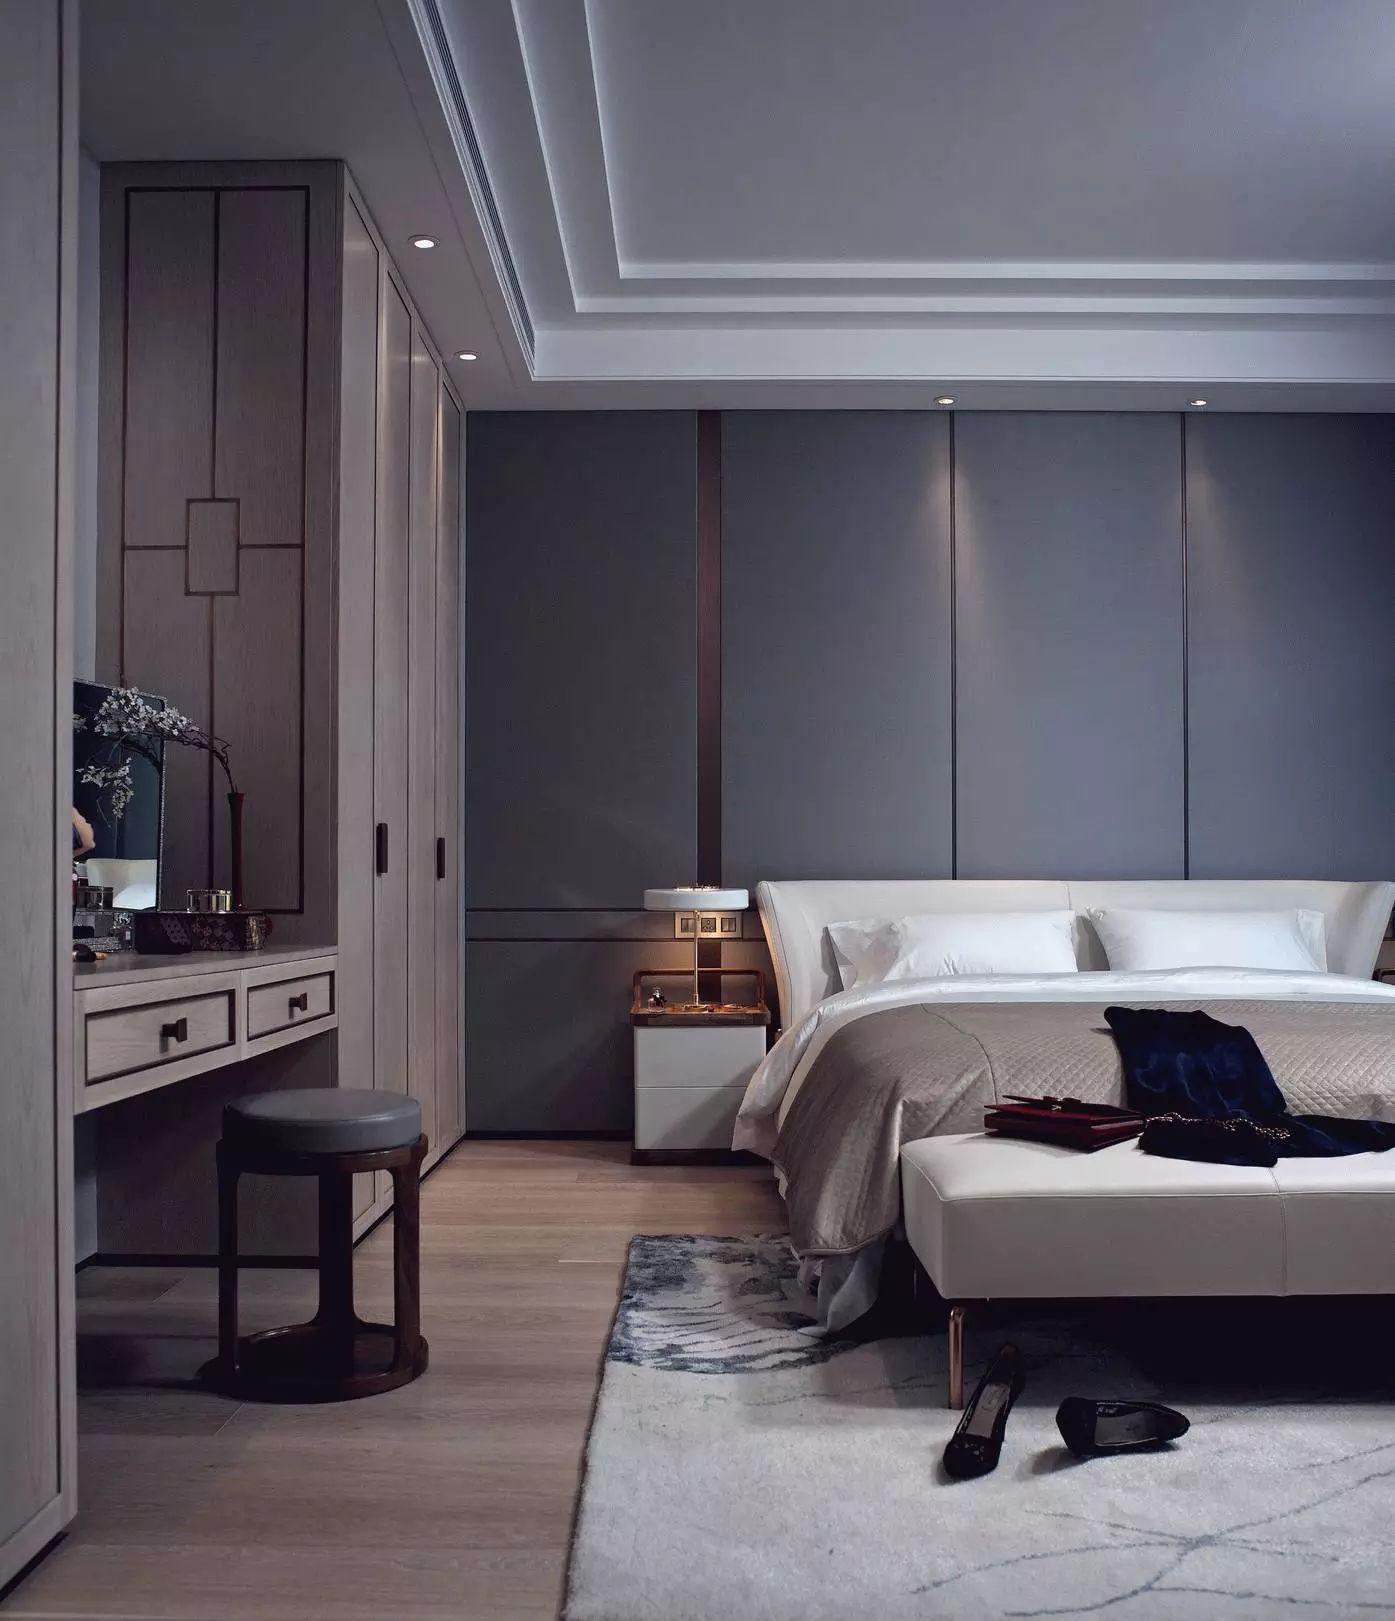 modernes Polsterbett in Grau und Wandverkleidung mit Metall Struktur Ideen rund ums Haus Pinterest